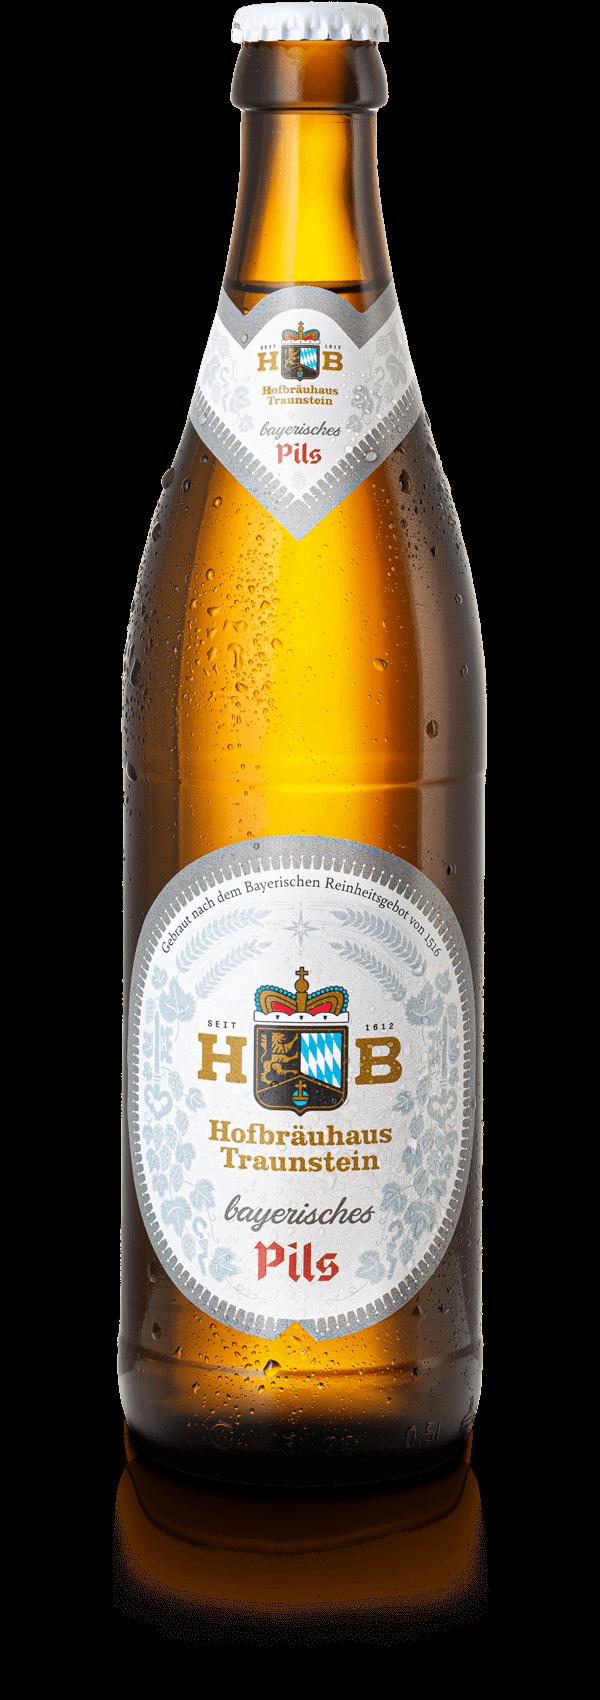 hb-ts-pils-05